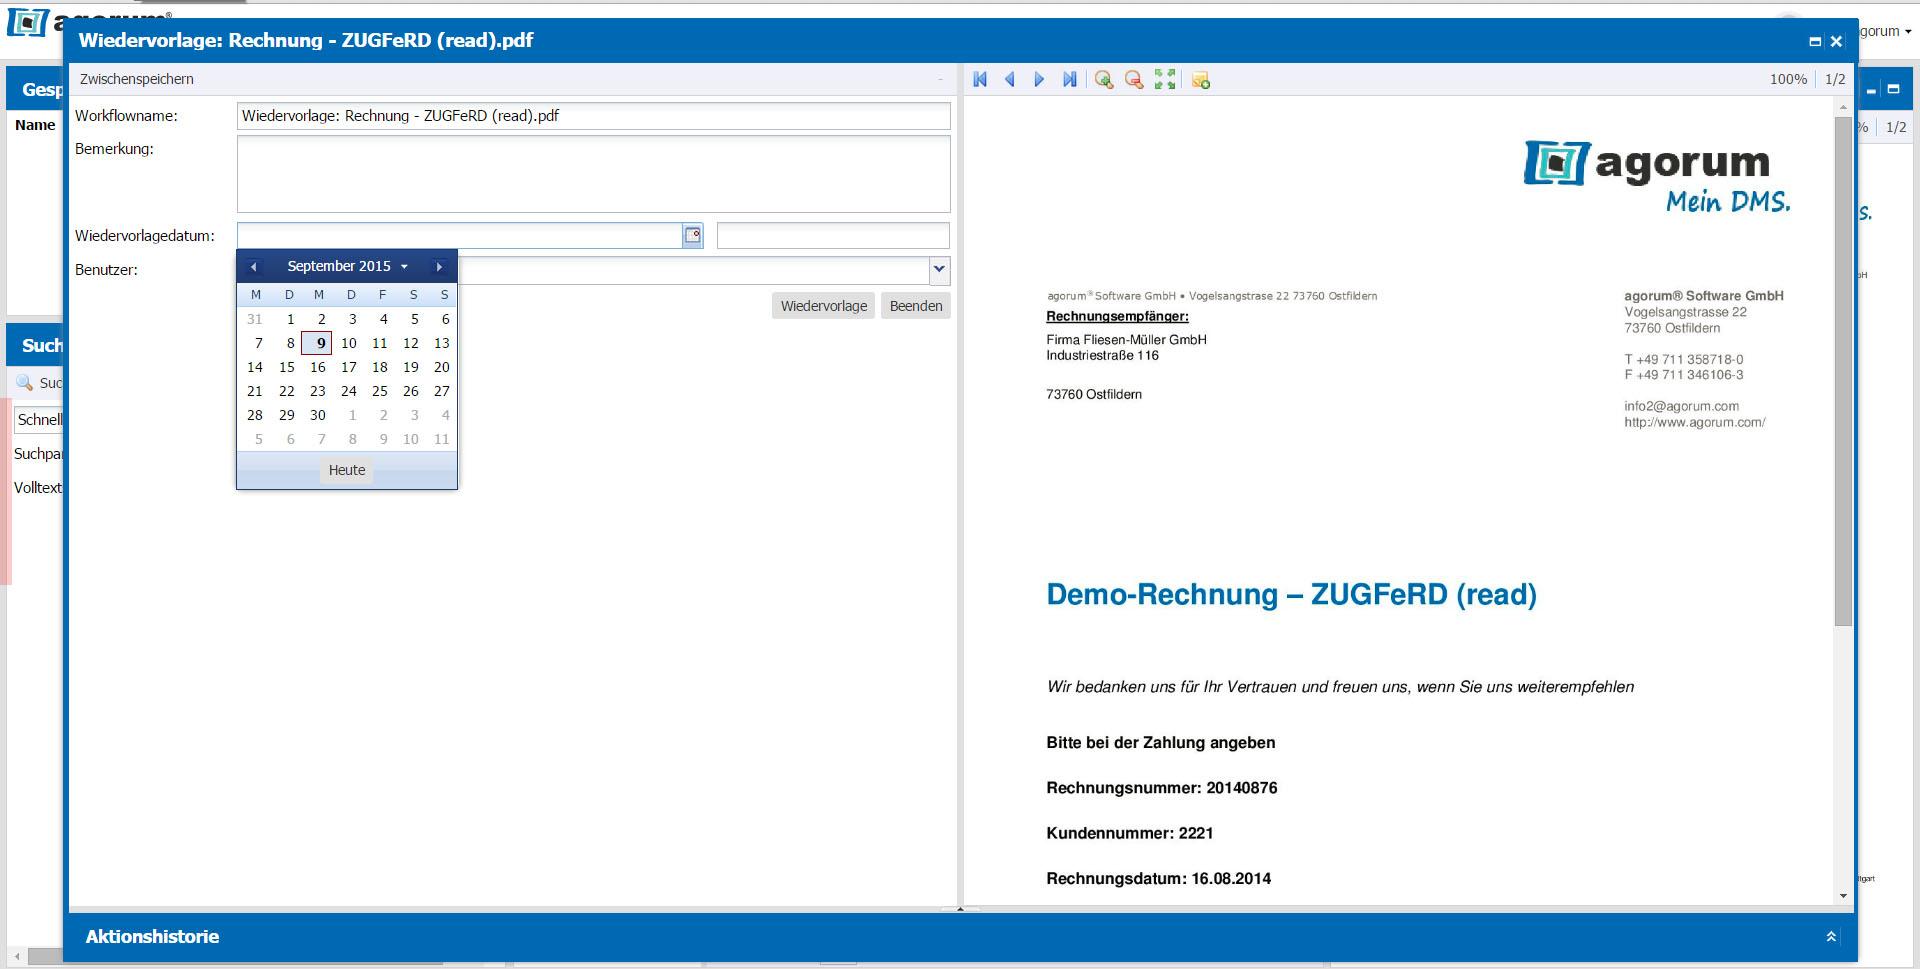 Dokumente im DMS bequem auf Wiedervorlage legen - Datum festlegen